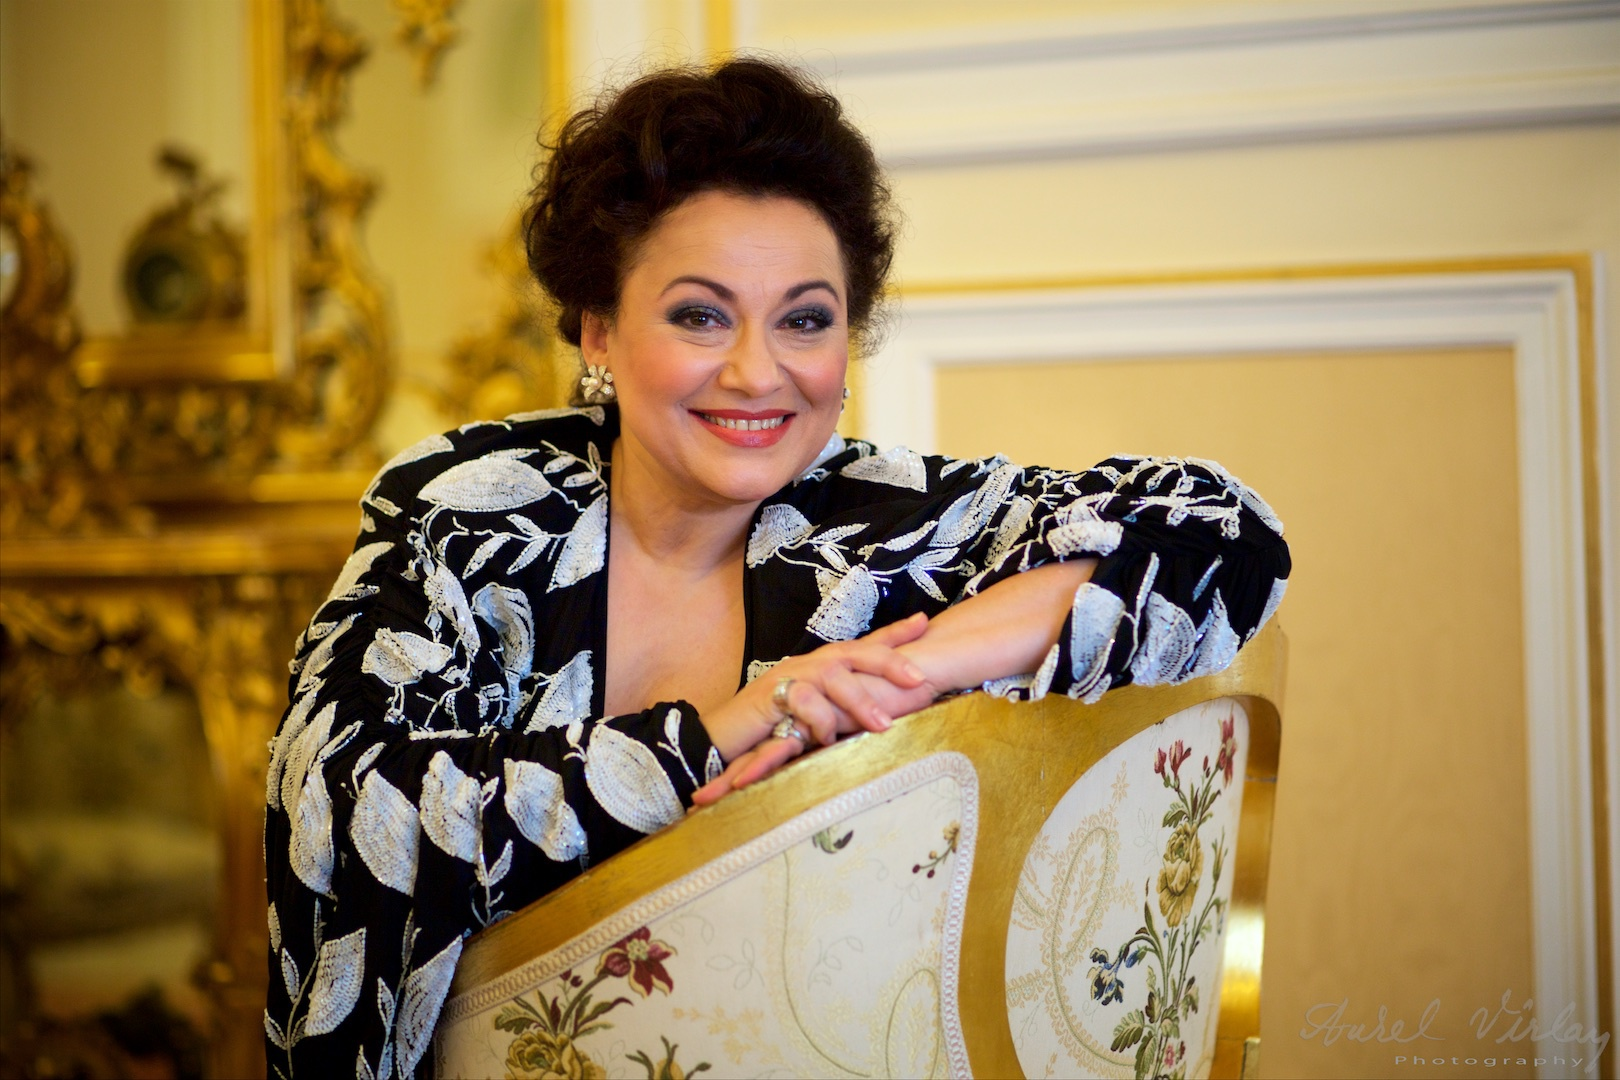 Braşov: Festival de muzică clasică şi omagiu sopranei Leontina Văduva